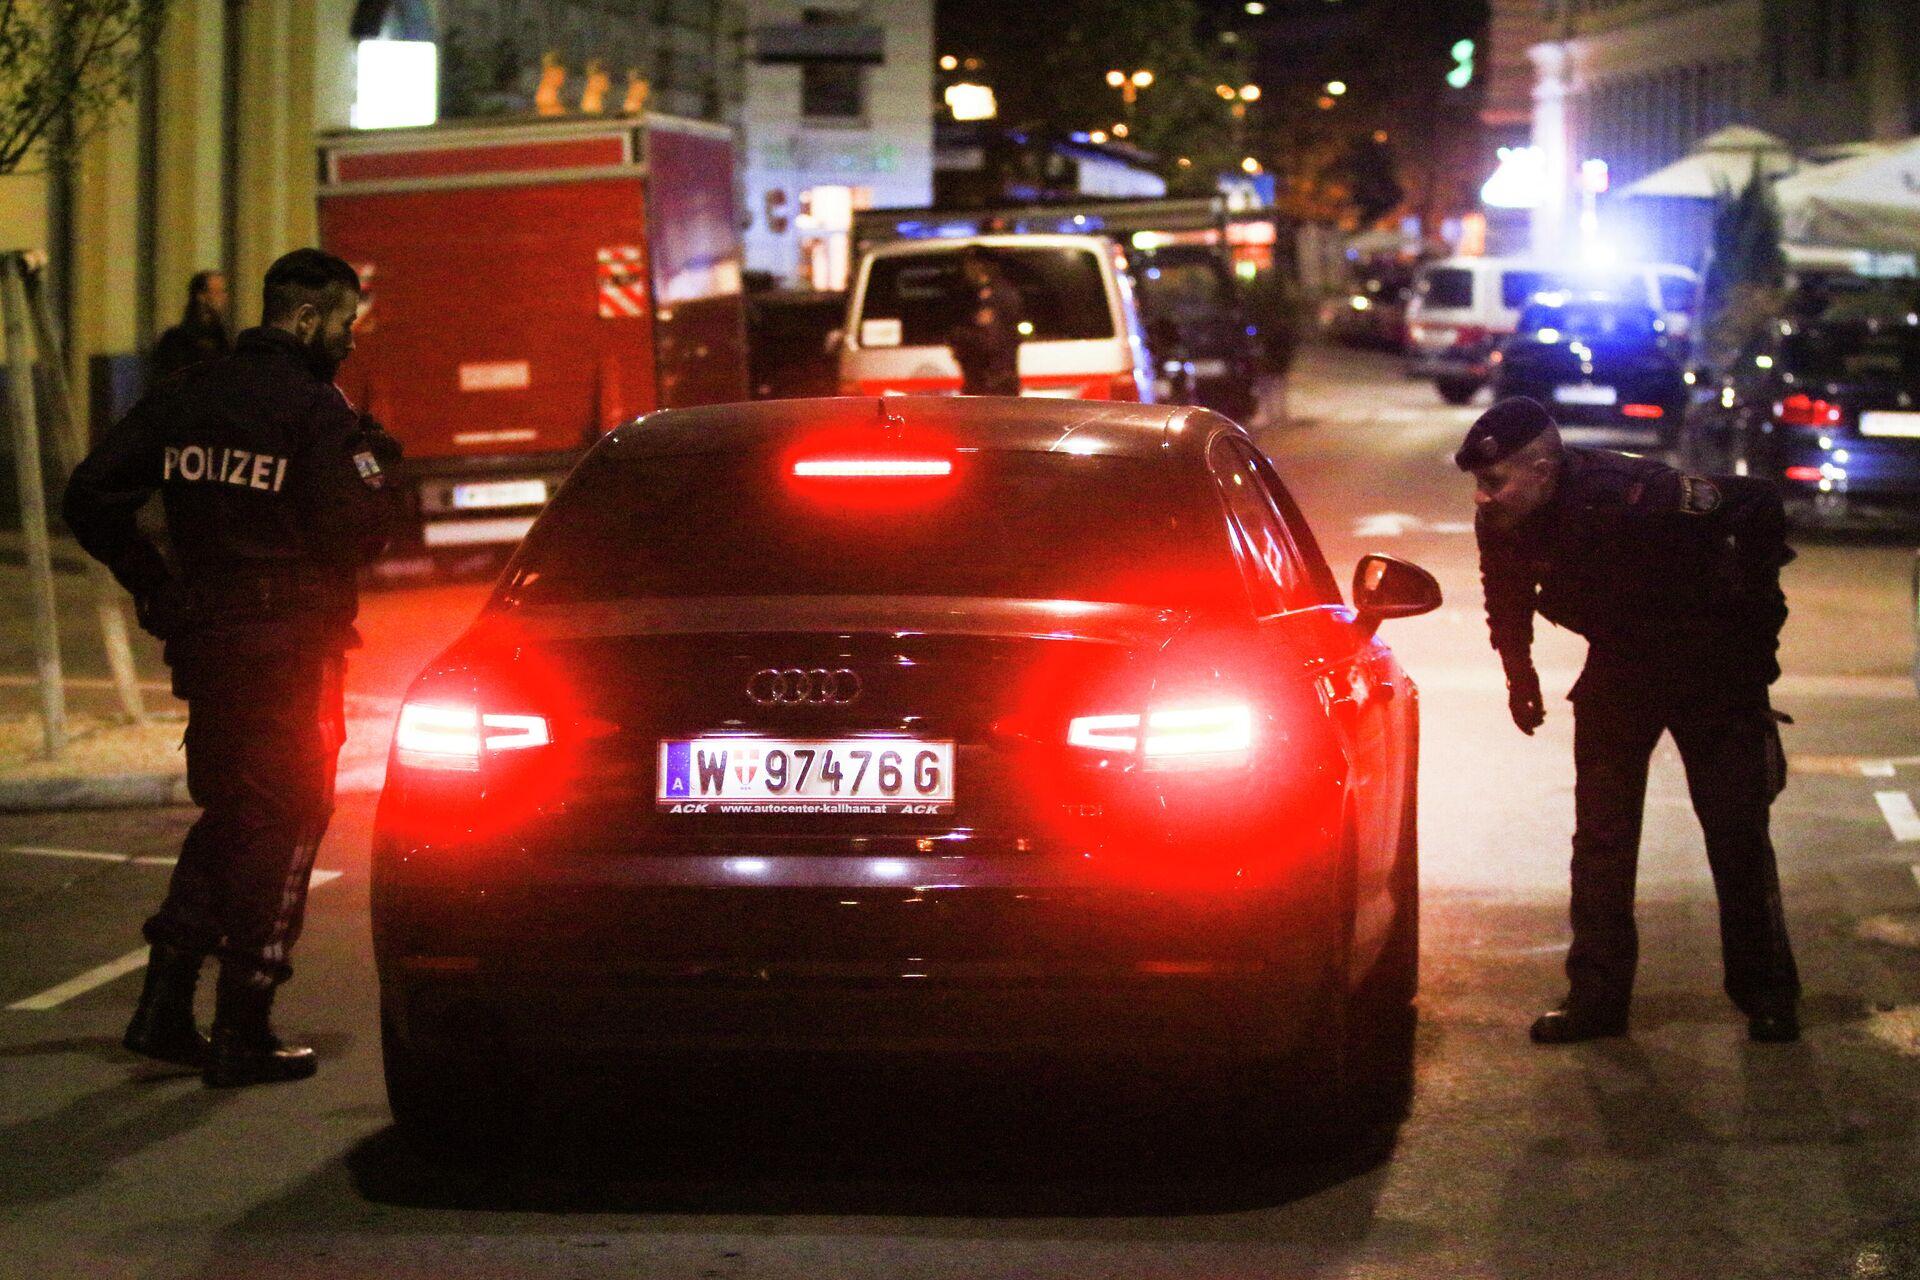 Полицейские проверяют машину на месте происшествия в Вене - РИА Новости, 1920, 03.11.2020